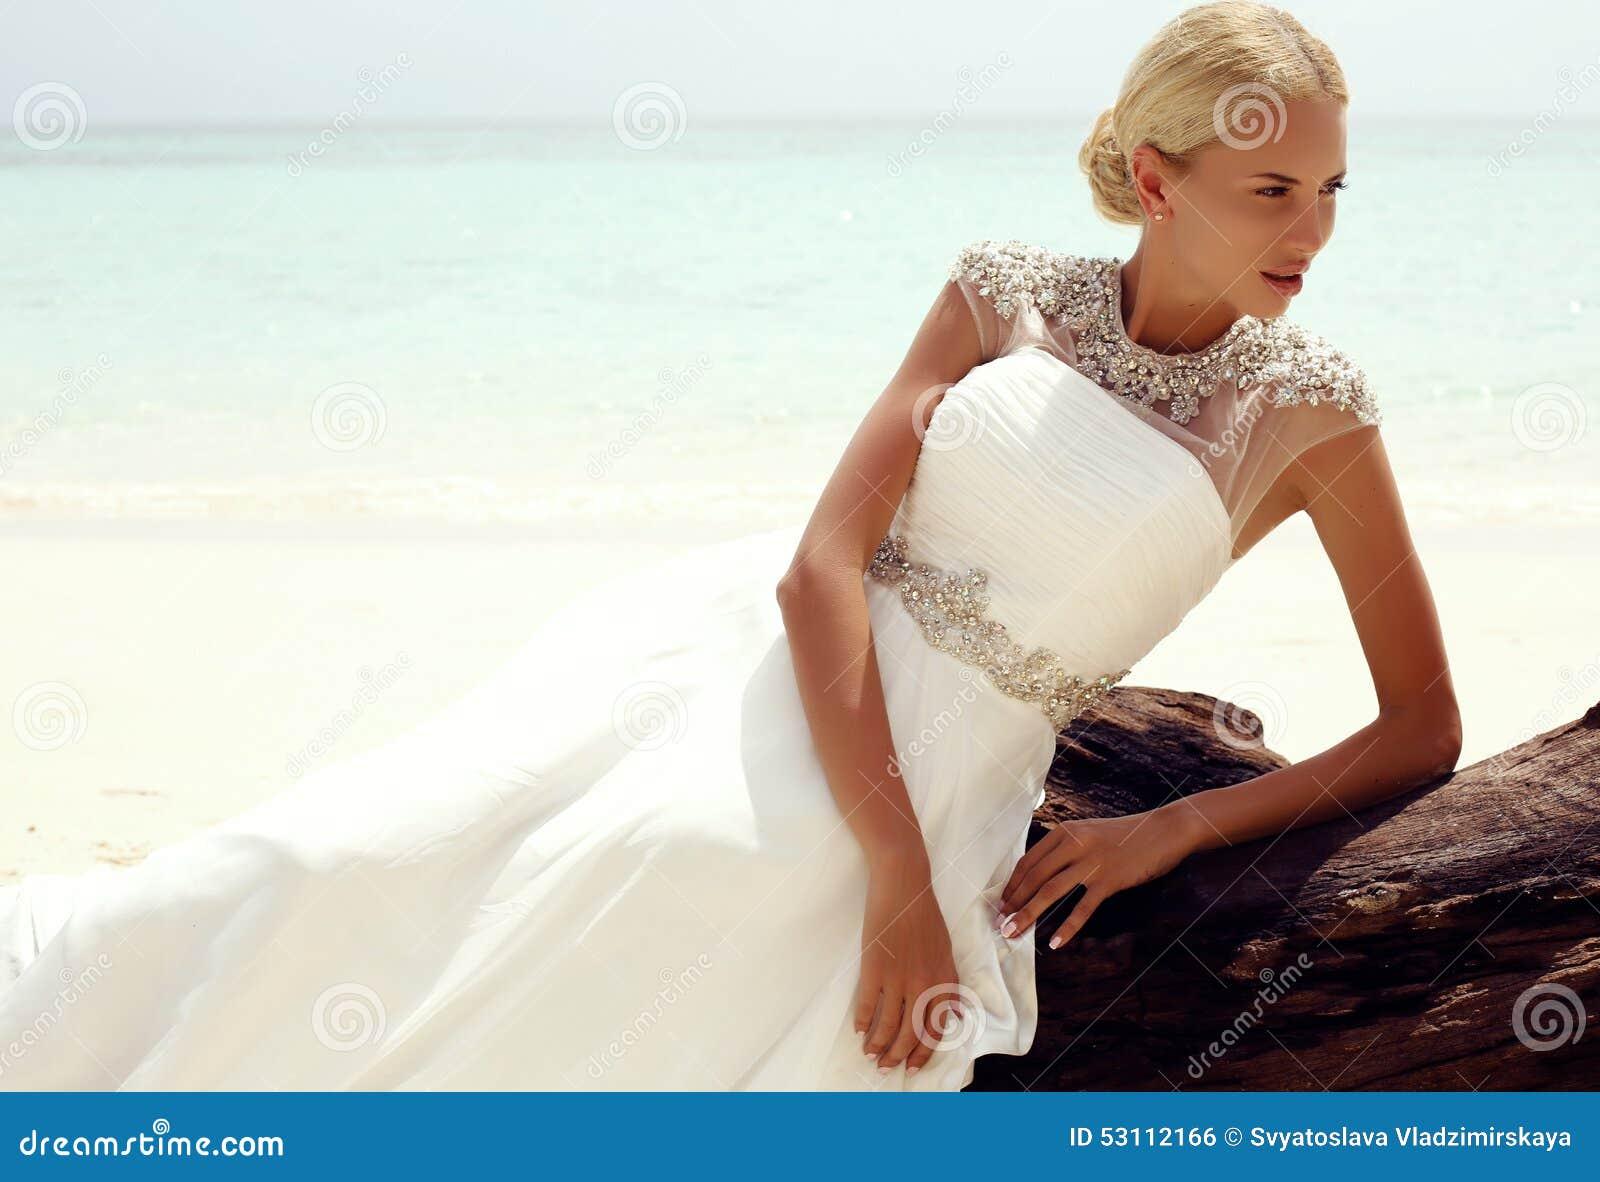 Vestido para boda tropical